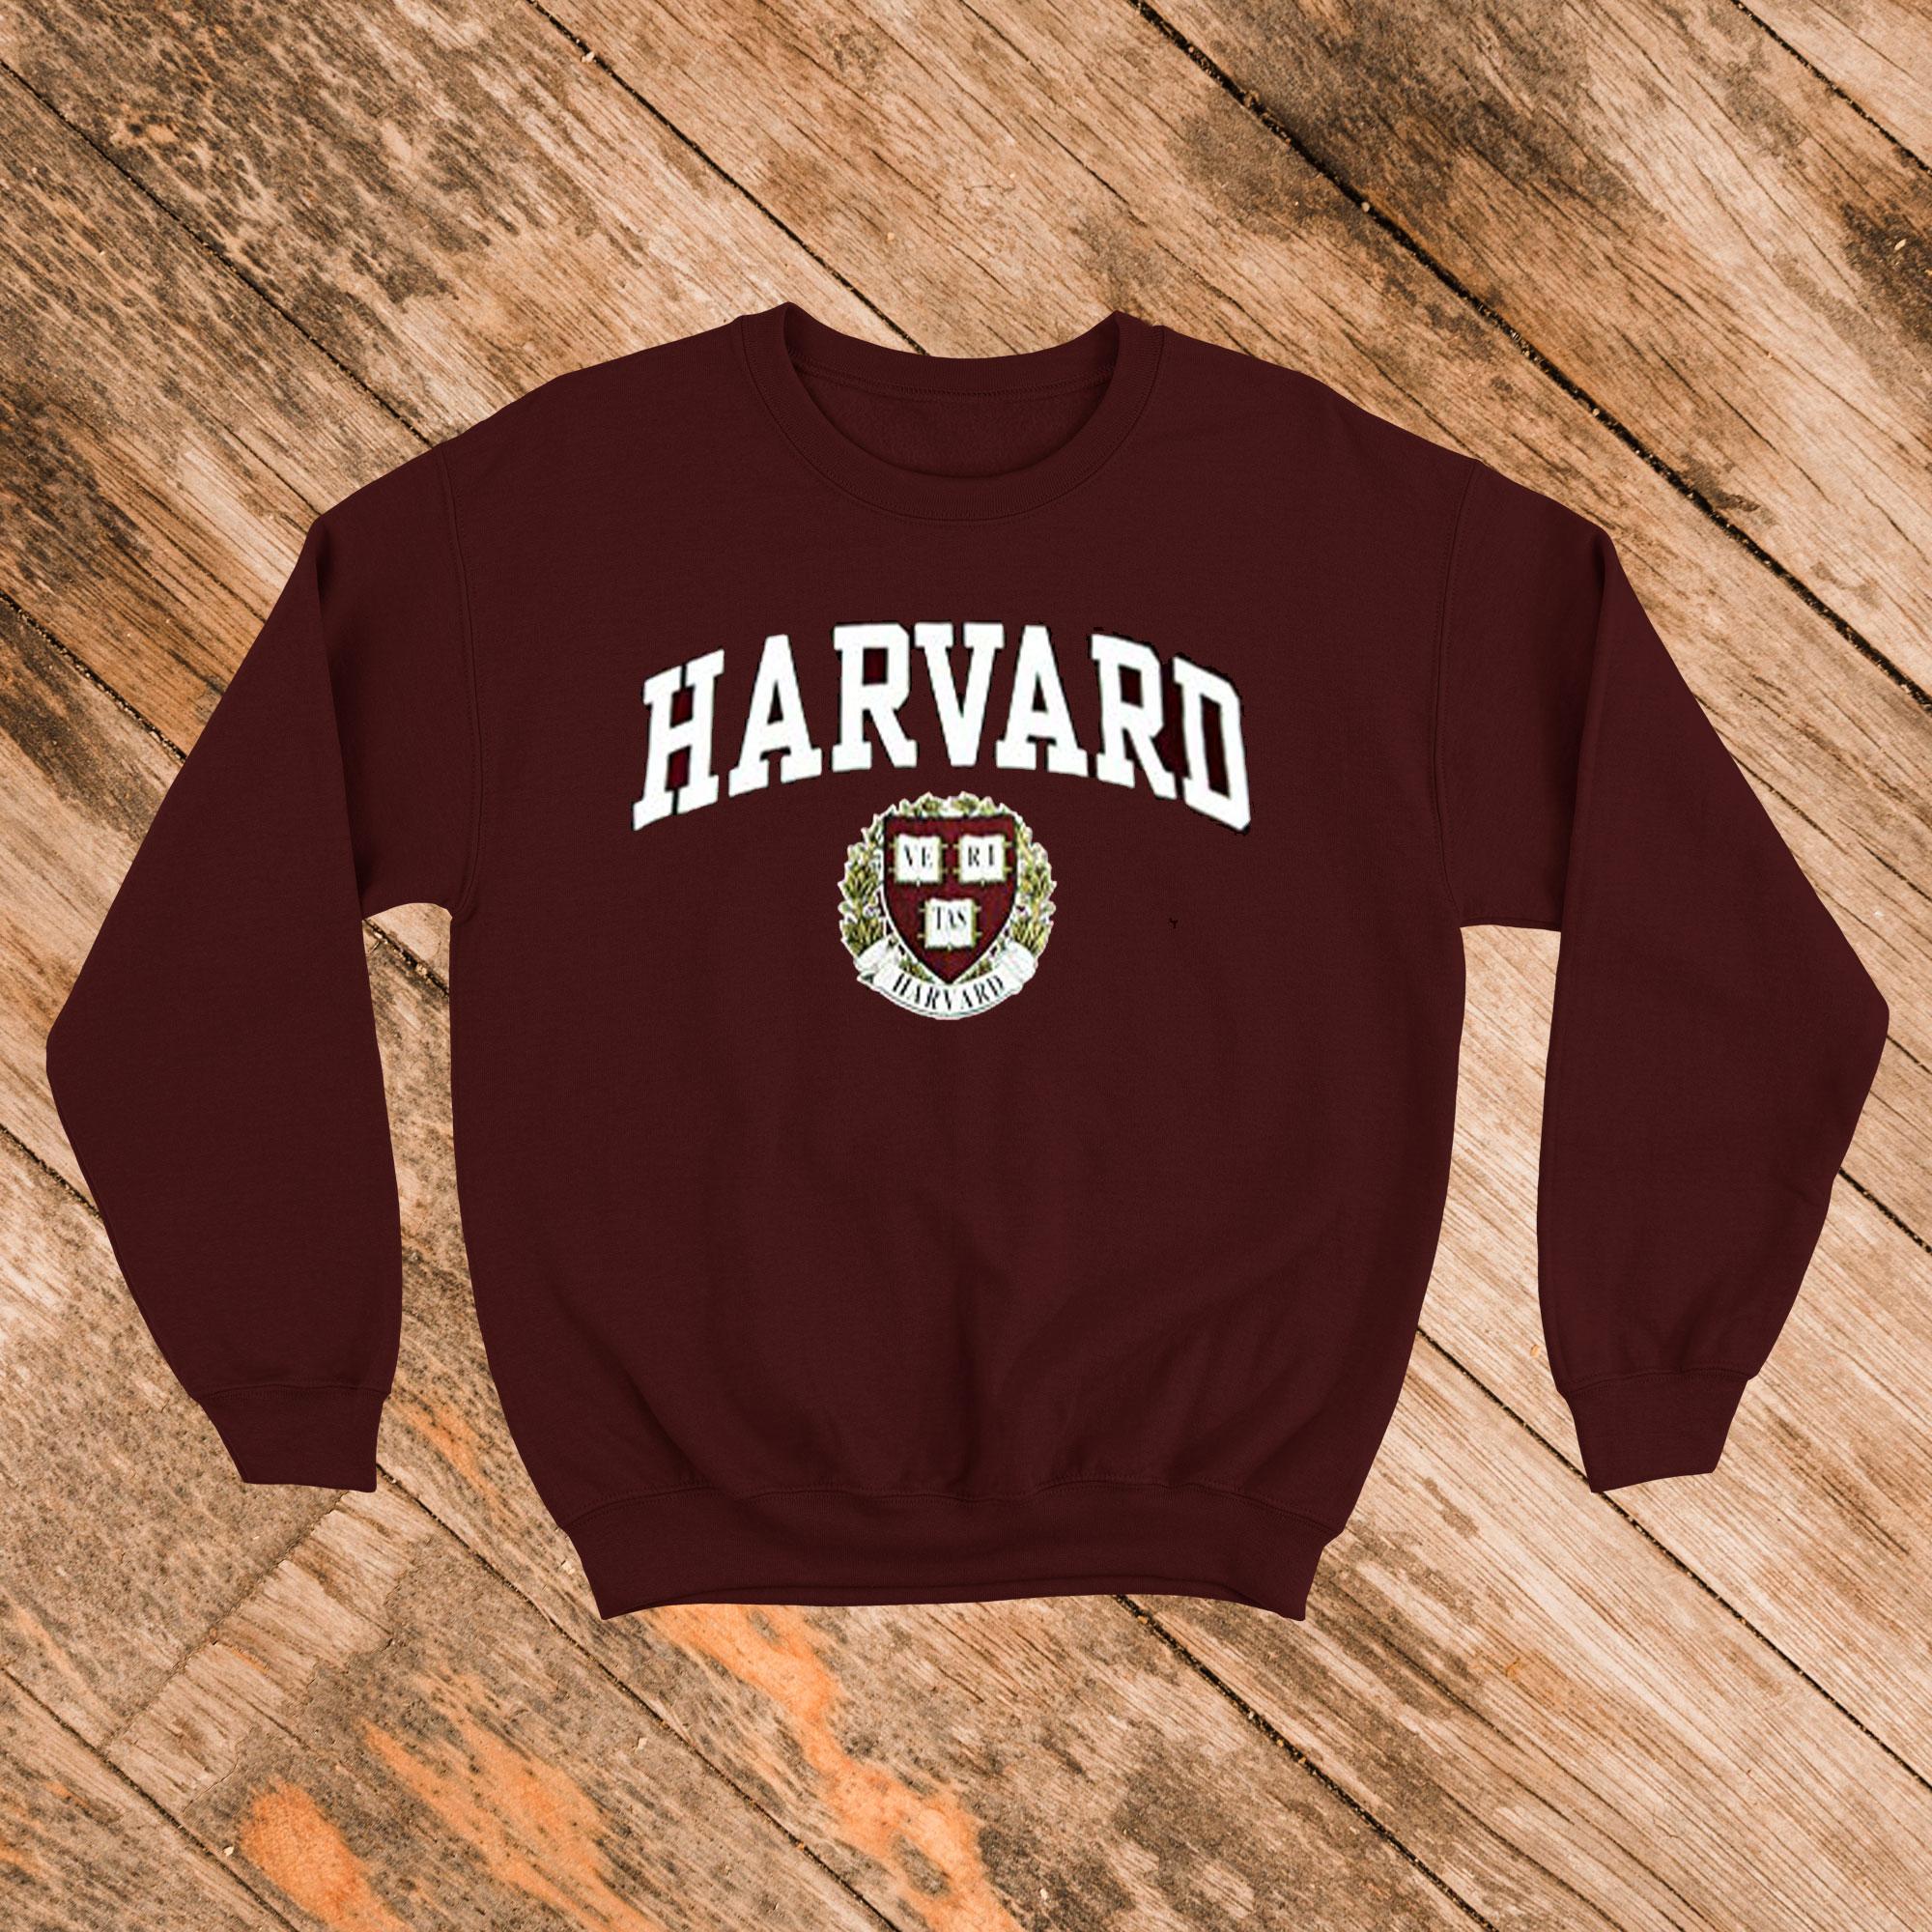 Harvard Crew Sweatshirt